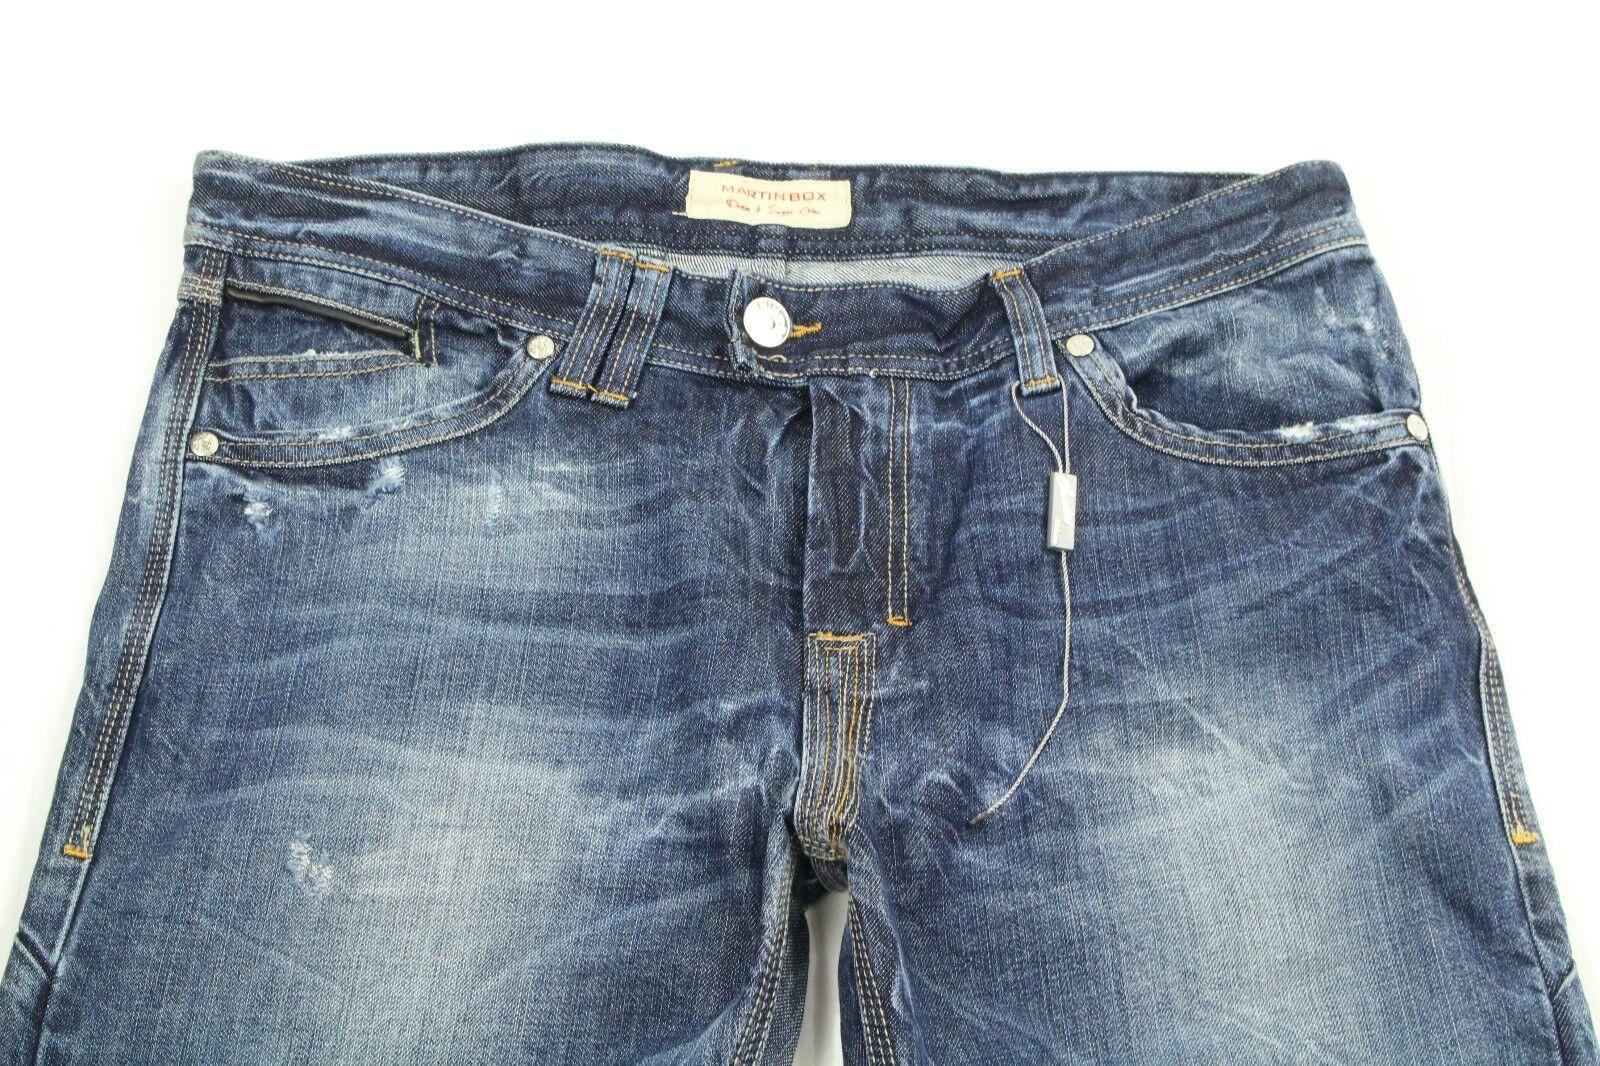 Martin Kiste Herren Jeans Distressed Stiefelcut Denim Größe 50 (Us 34) Einzelhandel    New Listing    Deutschland Berlin    Queensland